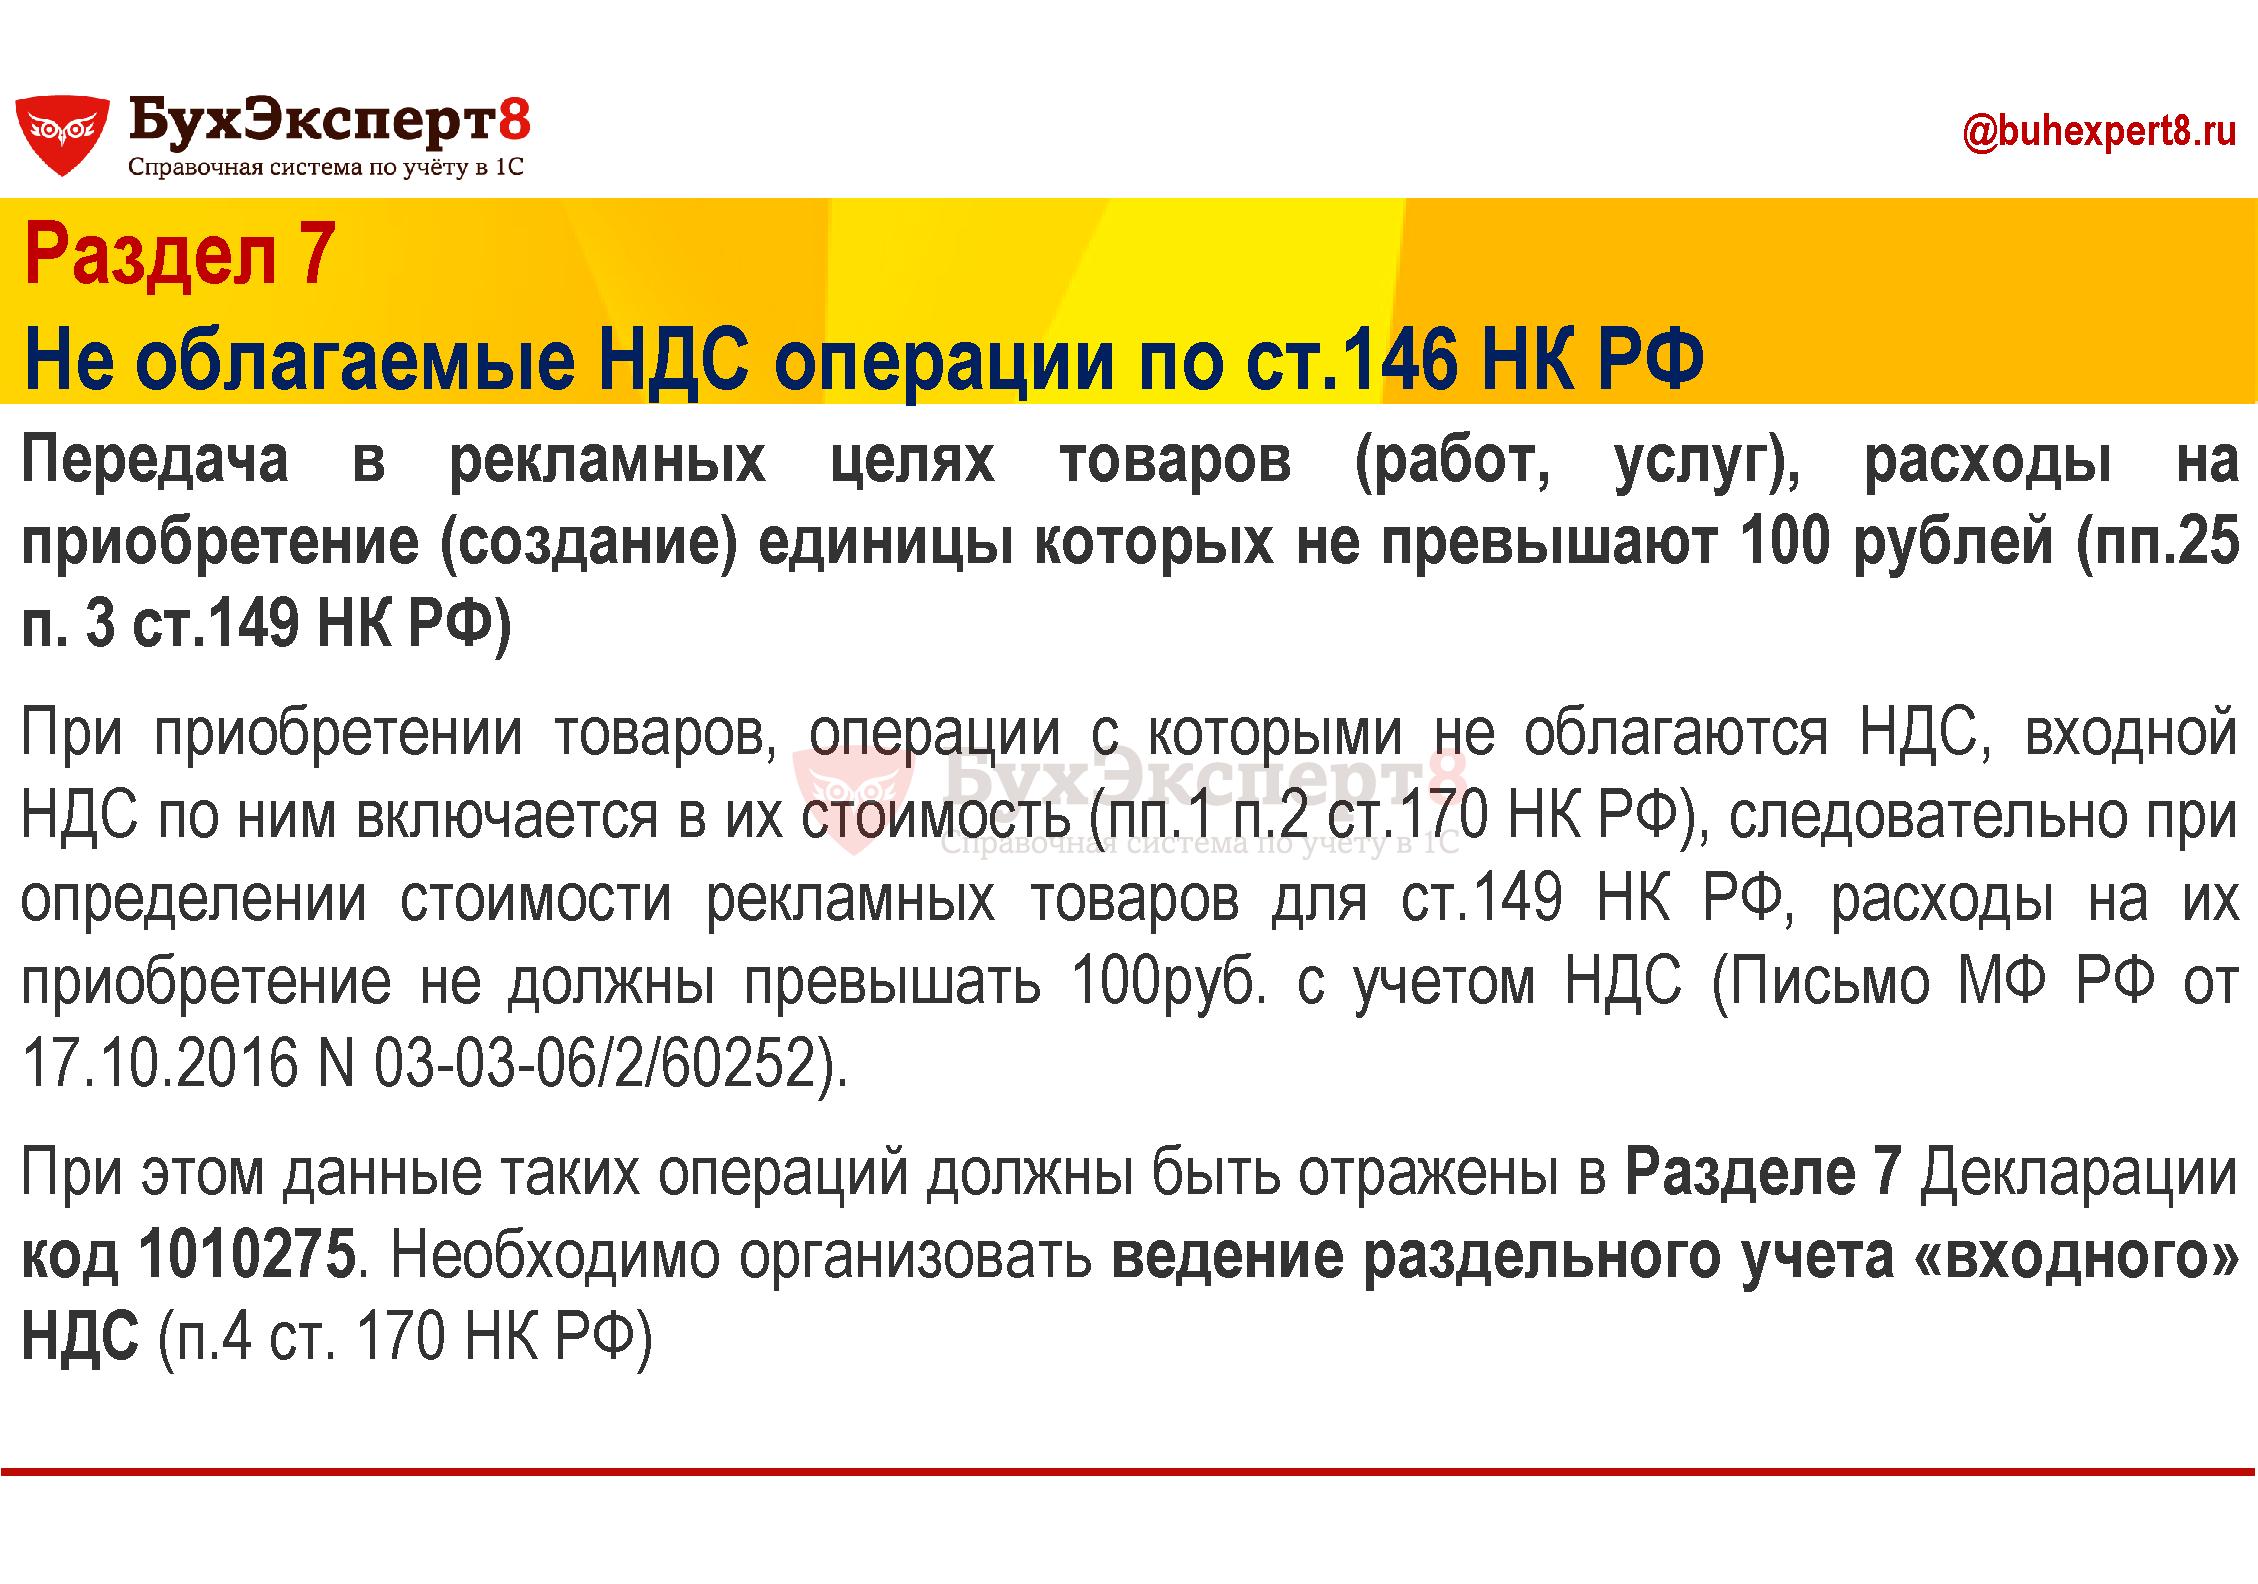 Раздел 7 Не облагаемые НДС операции по ст.146 НК РФ Передача в рекламных целях товаров (работ, услуг), расходы на приобретение (создание) единицы которых не превышают 100 рублей (пп.25 п. 3 ст.149 НК РФ) При приобретении товаров, операции с которыми не облагаются НДС, входной НДС по ним включается в их стоимость (пп.1 п.2 ст.170 НК РФ), следовательно при определении стоимости рекламных товаров для ст.149 НК РФ, расходы на их приобретение не должны превышать 100руб. с учетом НДС (Письмо МФ РФ от 17.10.2016 N 03-03-06/2/60252). При этом данные таких операций должны быть отражены в Разделе 7 Декларации код 1010275. Необходимо организовать ведение раздельного учета «входного» НДС (п.4 ст. 170 НК РФ)